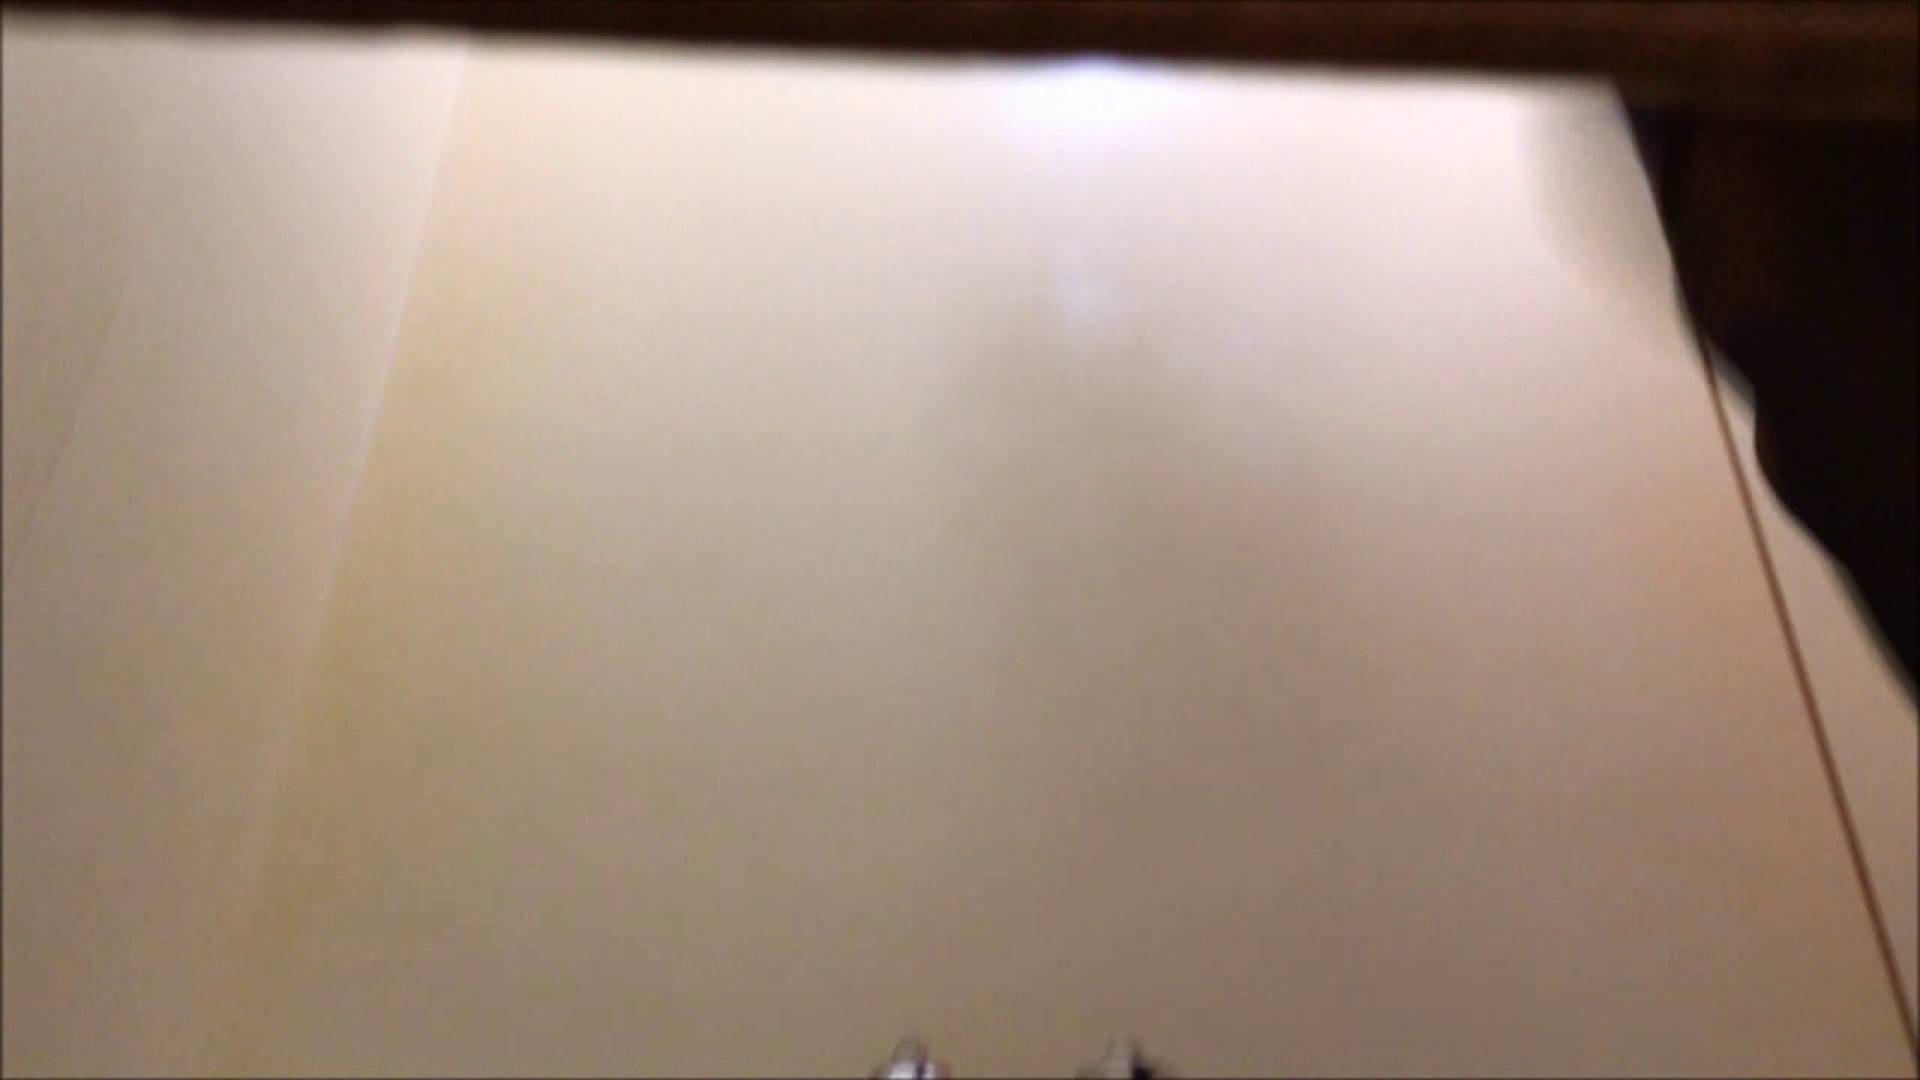 某有名大学女性洗面所 vol.11 和式 のぞき動画キャプチャ 83pic 5